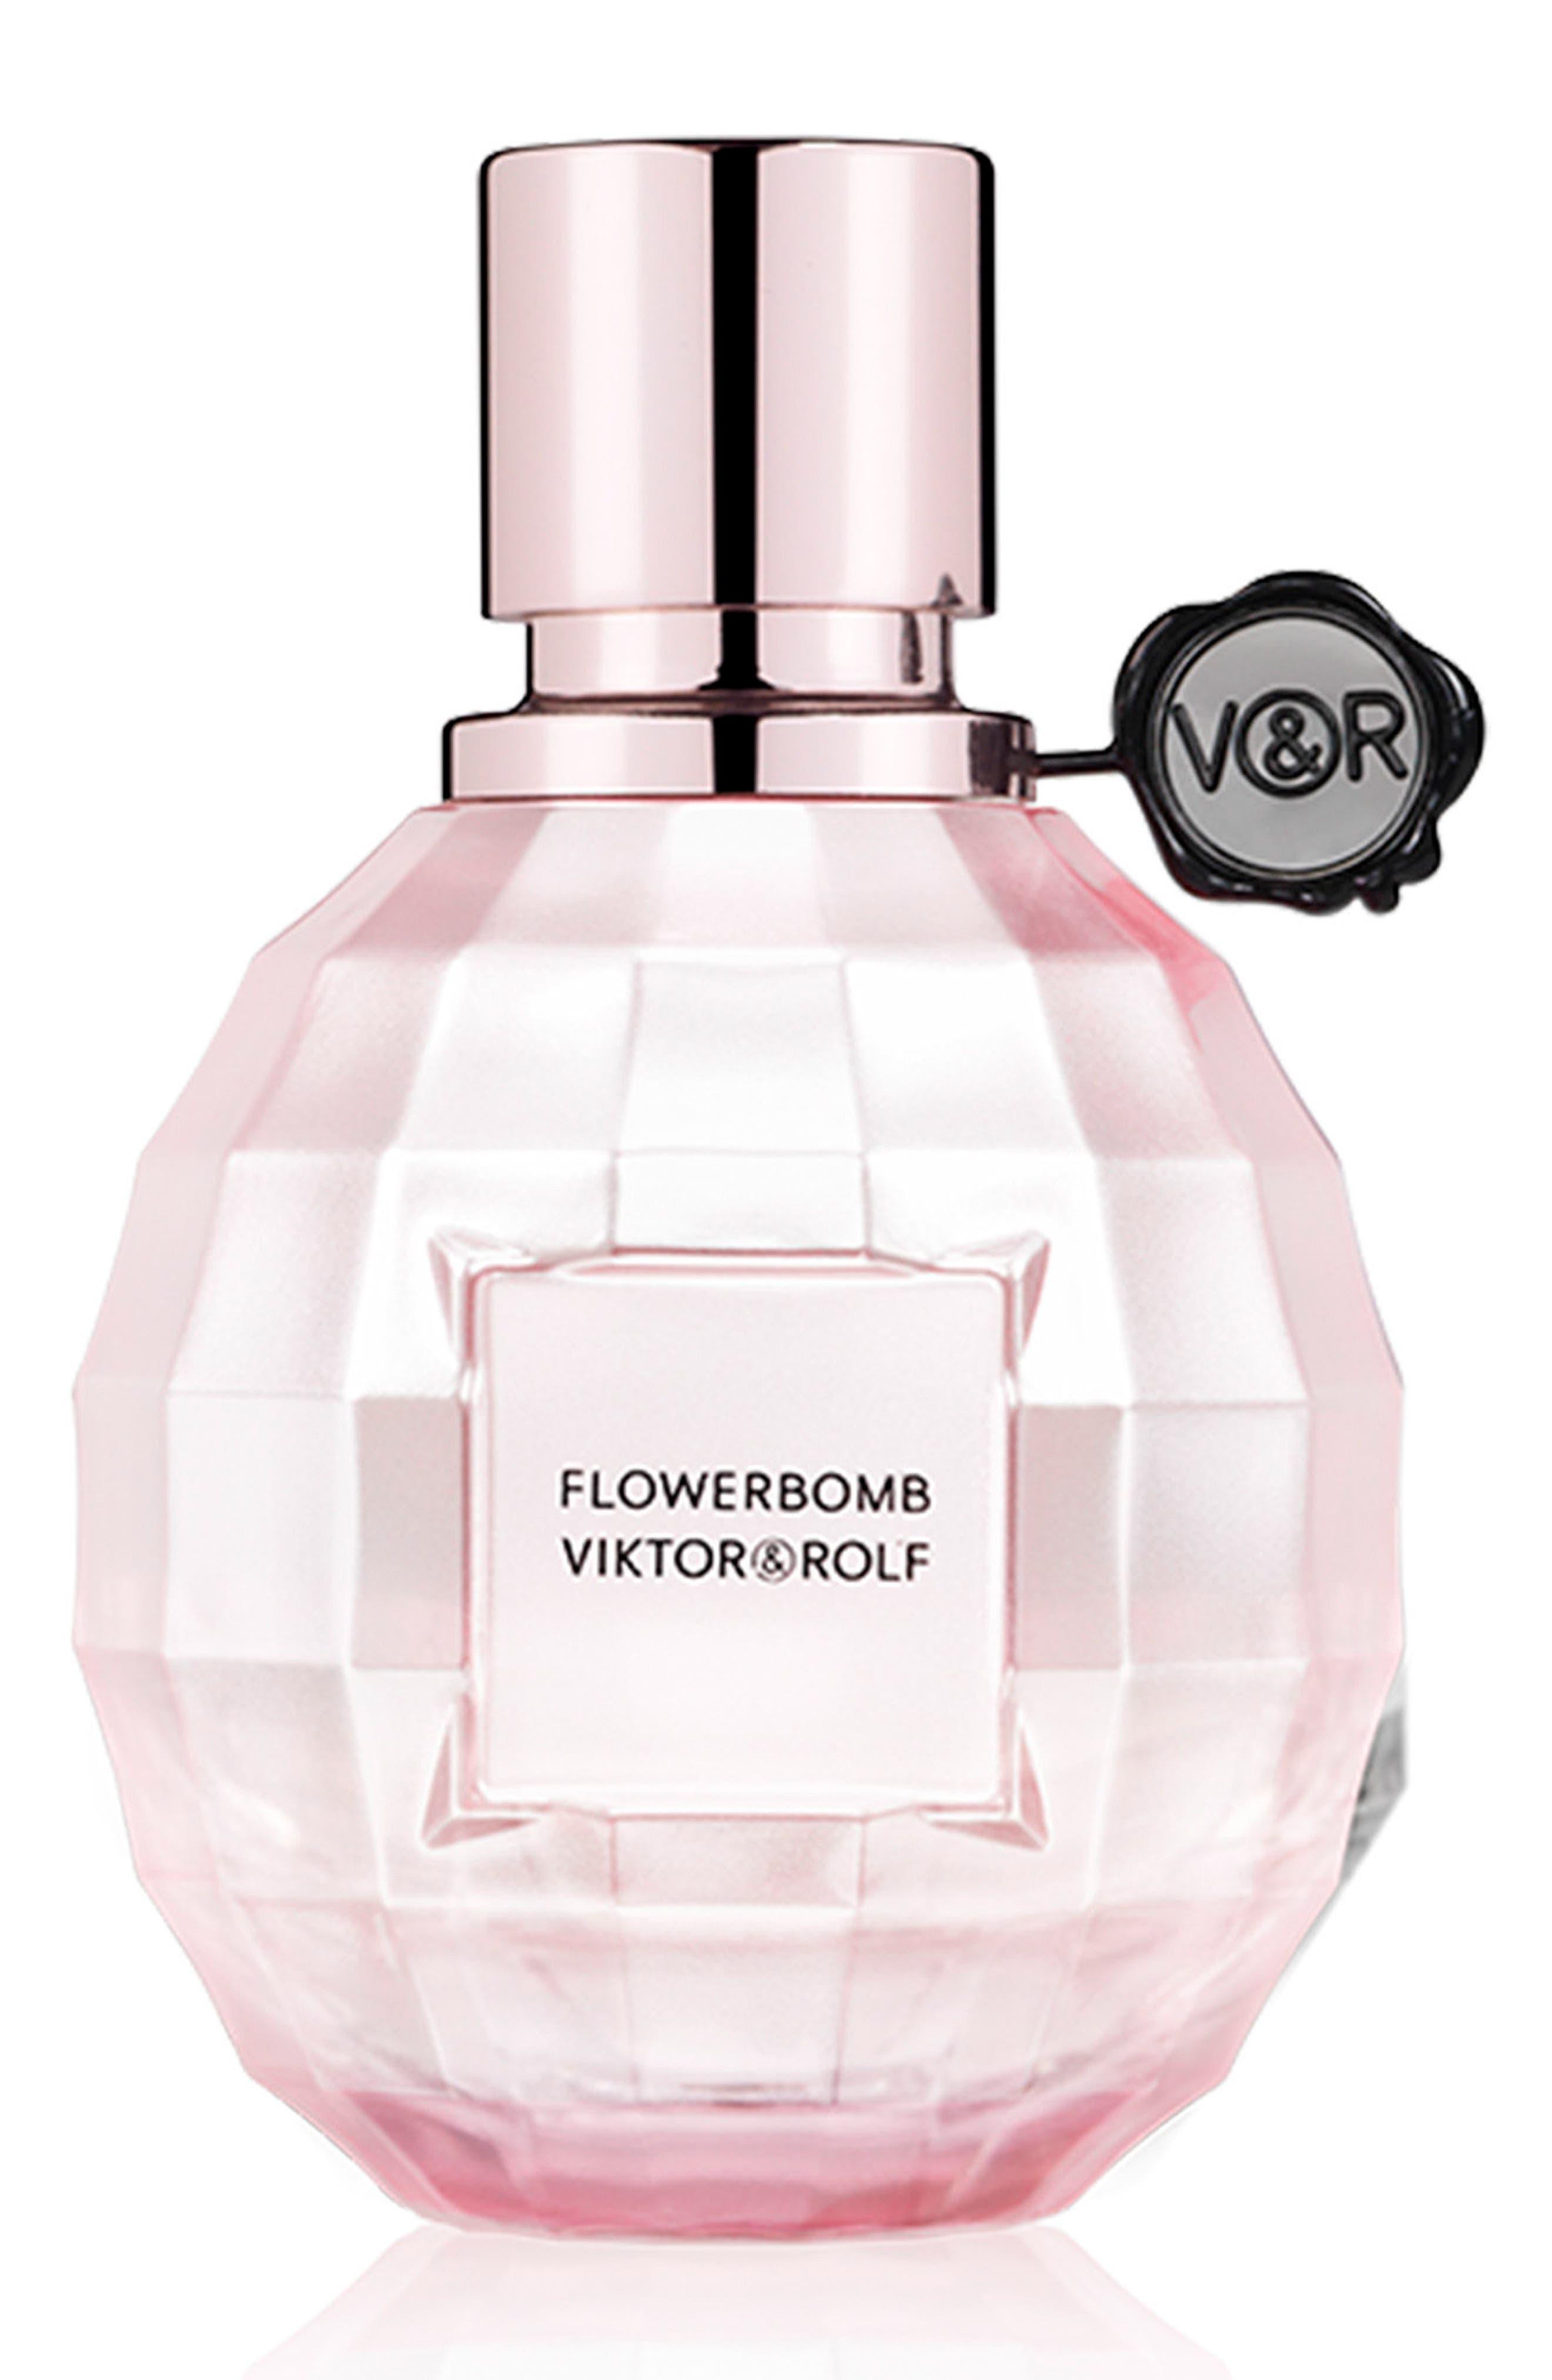 Viktor&Rolf Flowerbomb La Vie en Rose Eau de Toilette (Limited Edition)